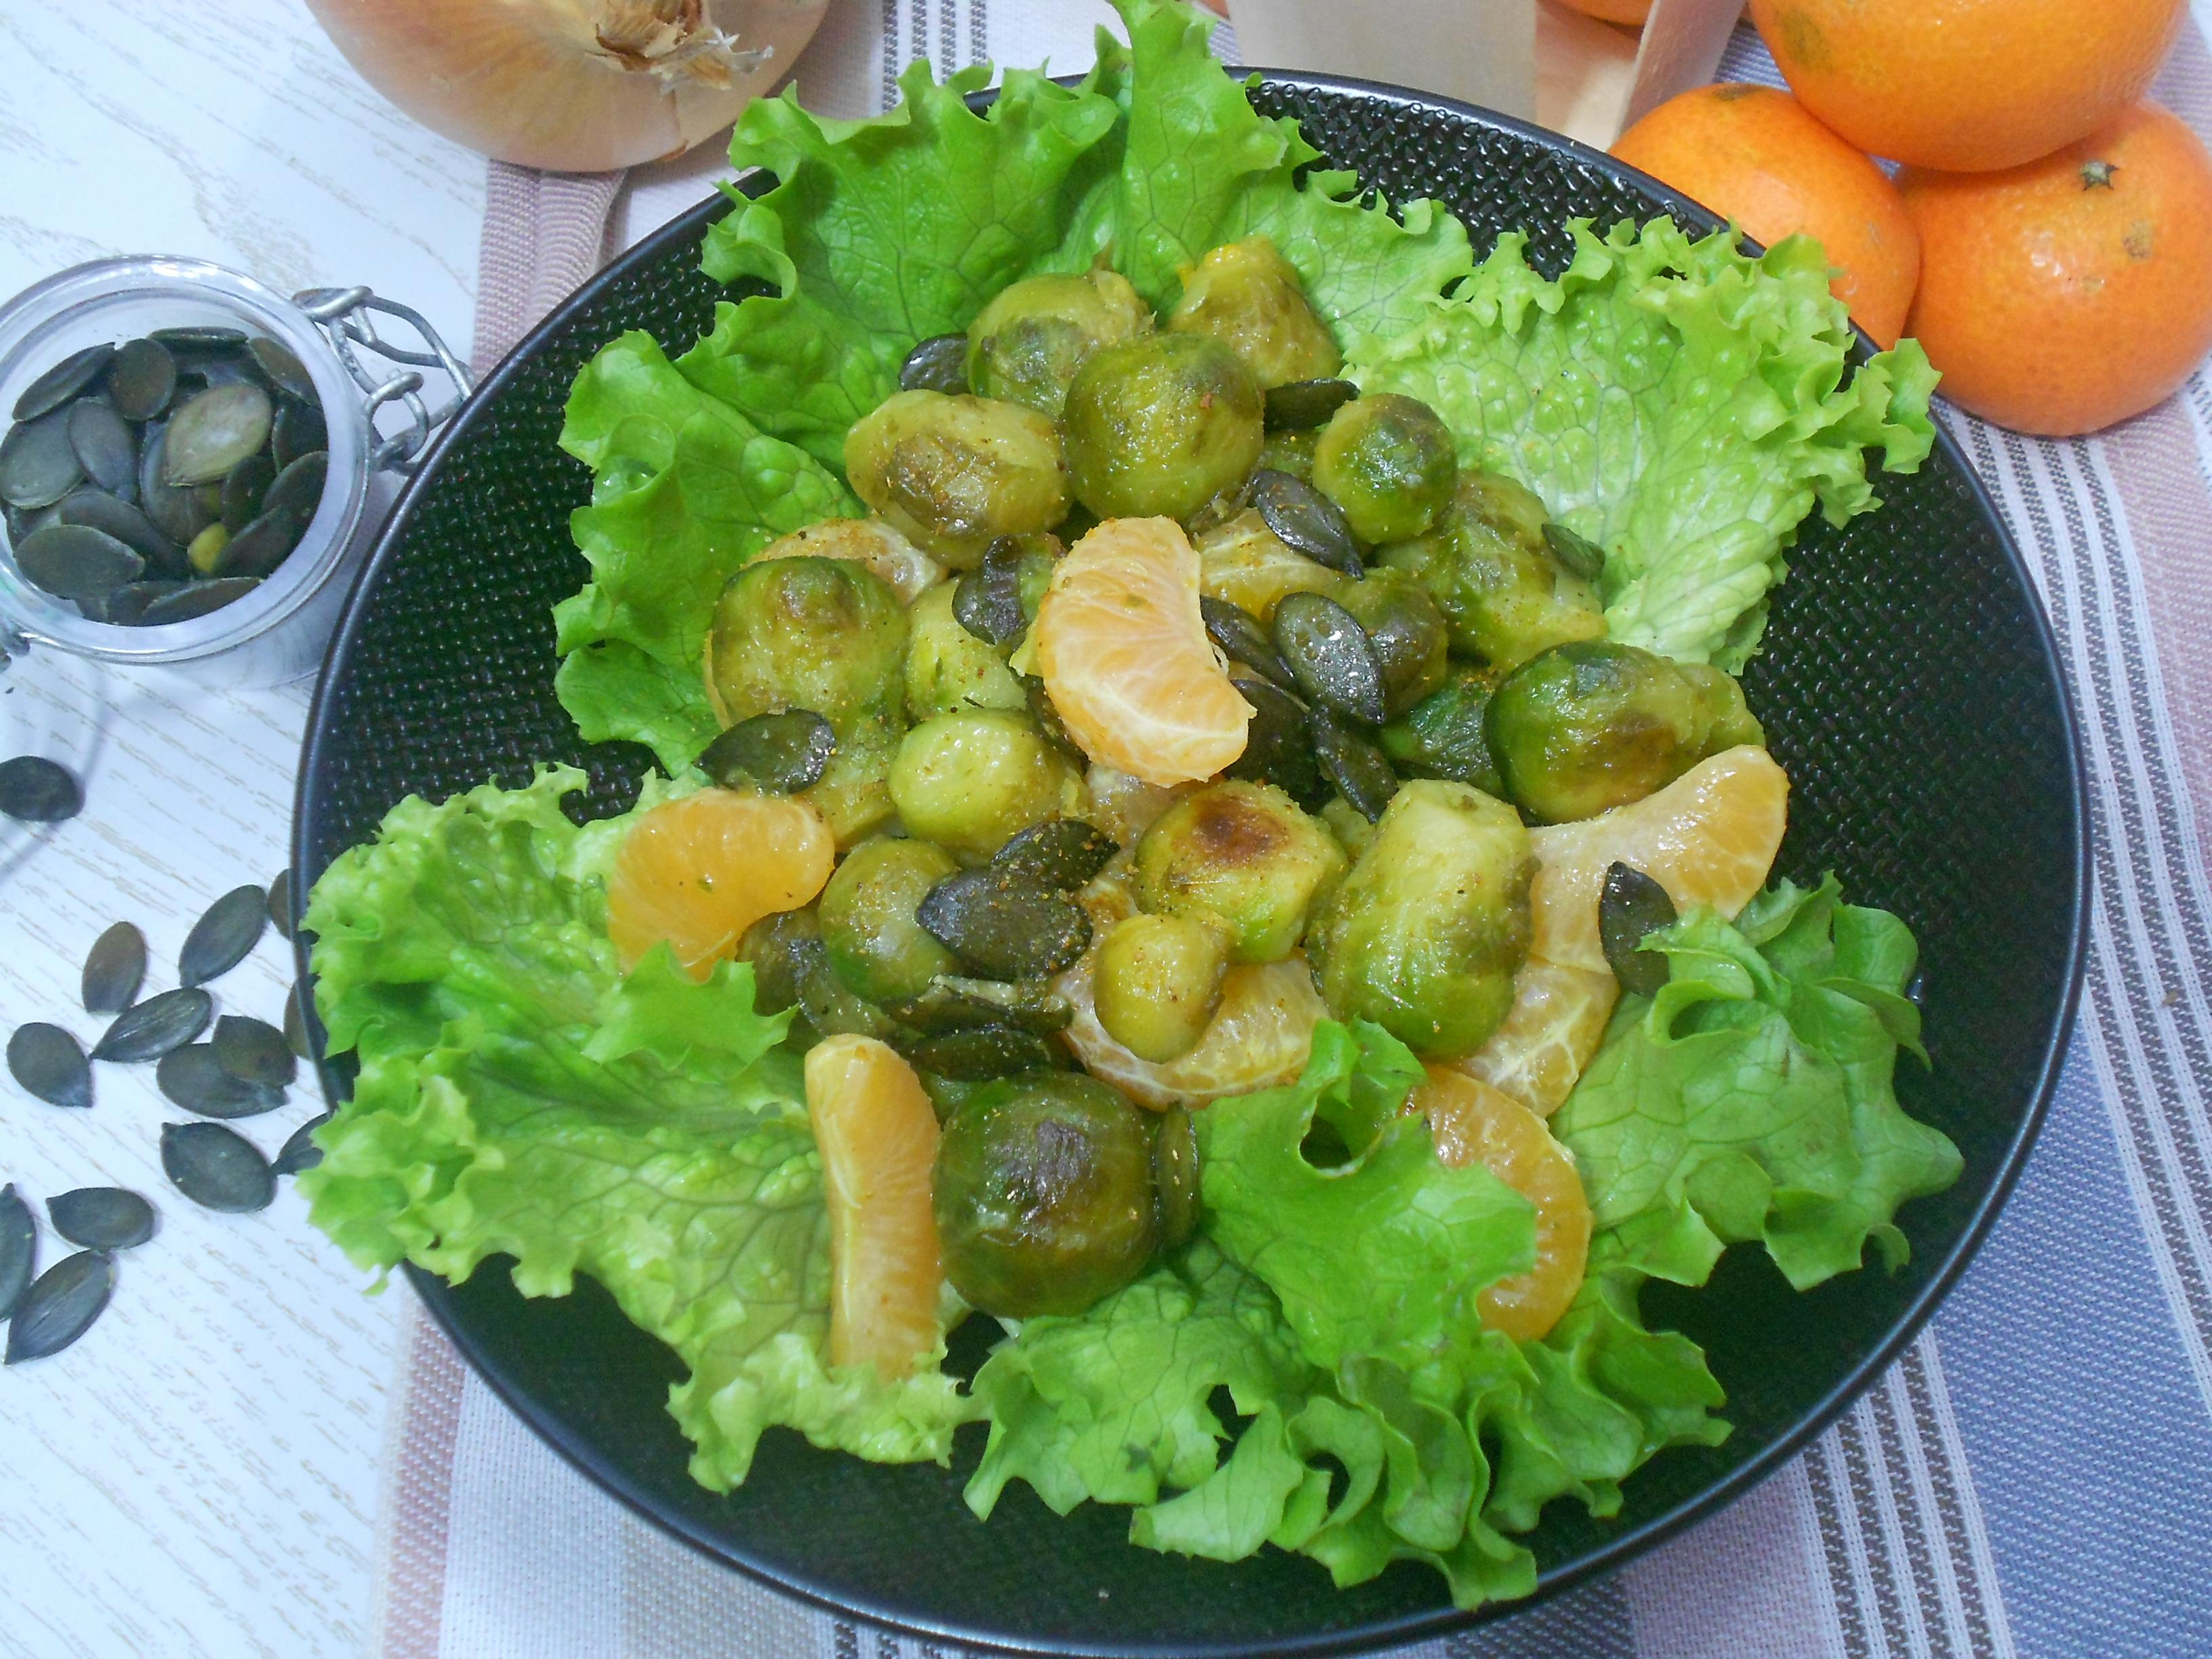 choux de bruxelles aliments riches en fibres